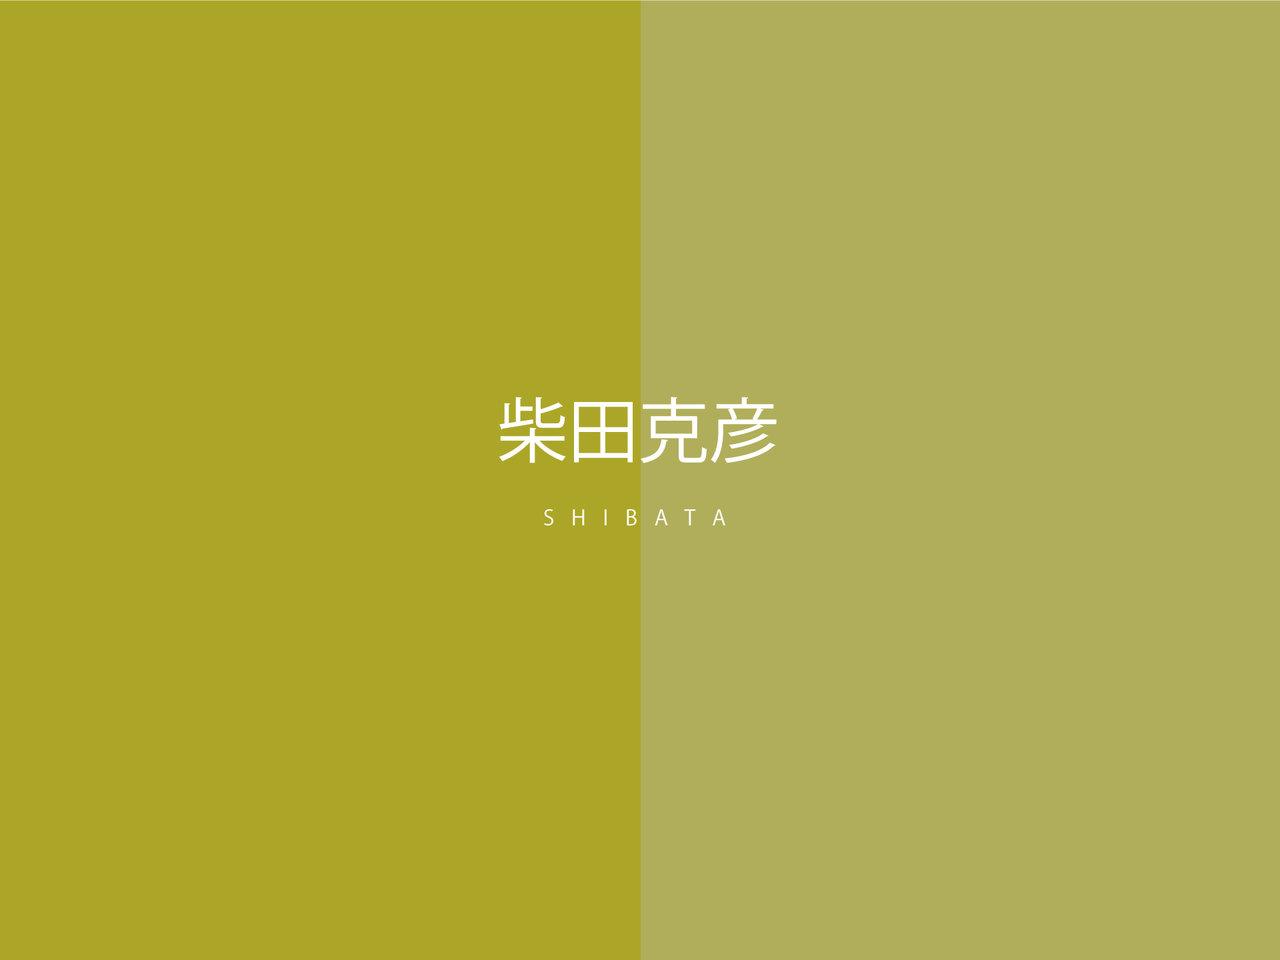 エサ=ペッカ・サロネン指揮/フィルハーモニア管弦楽団 2020年1月24日 東京芸術劇場